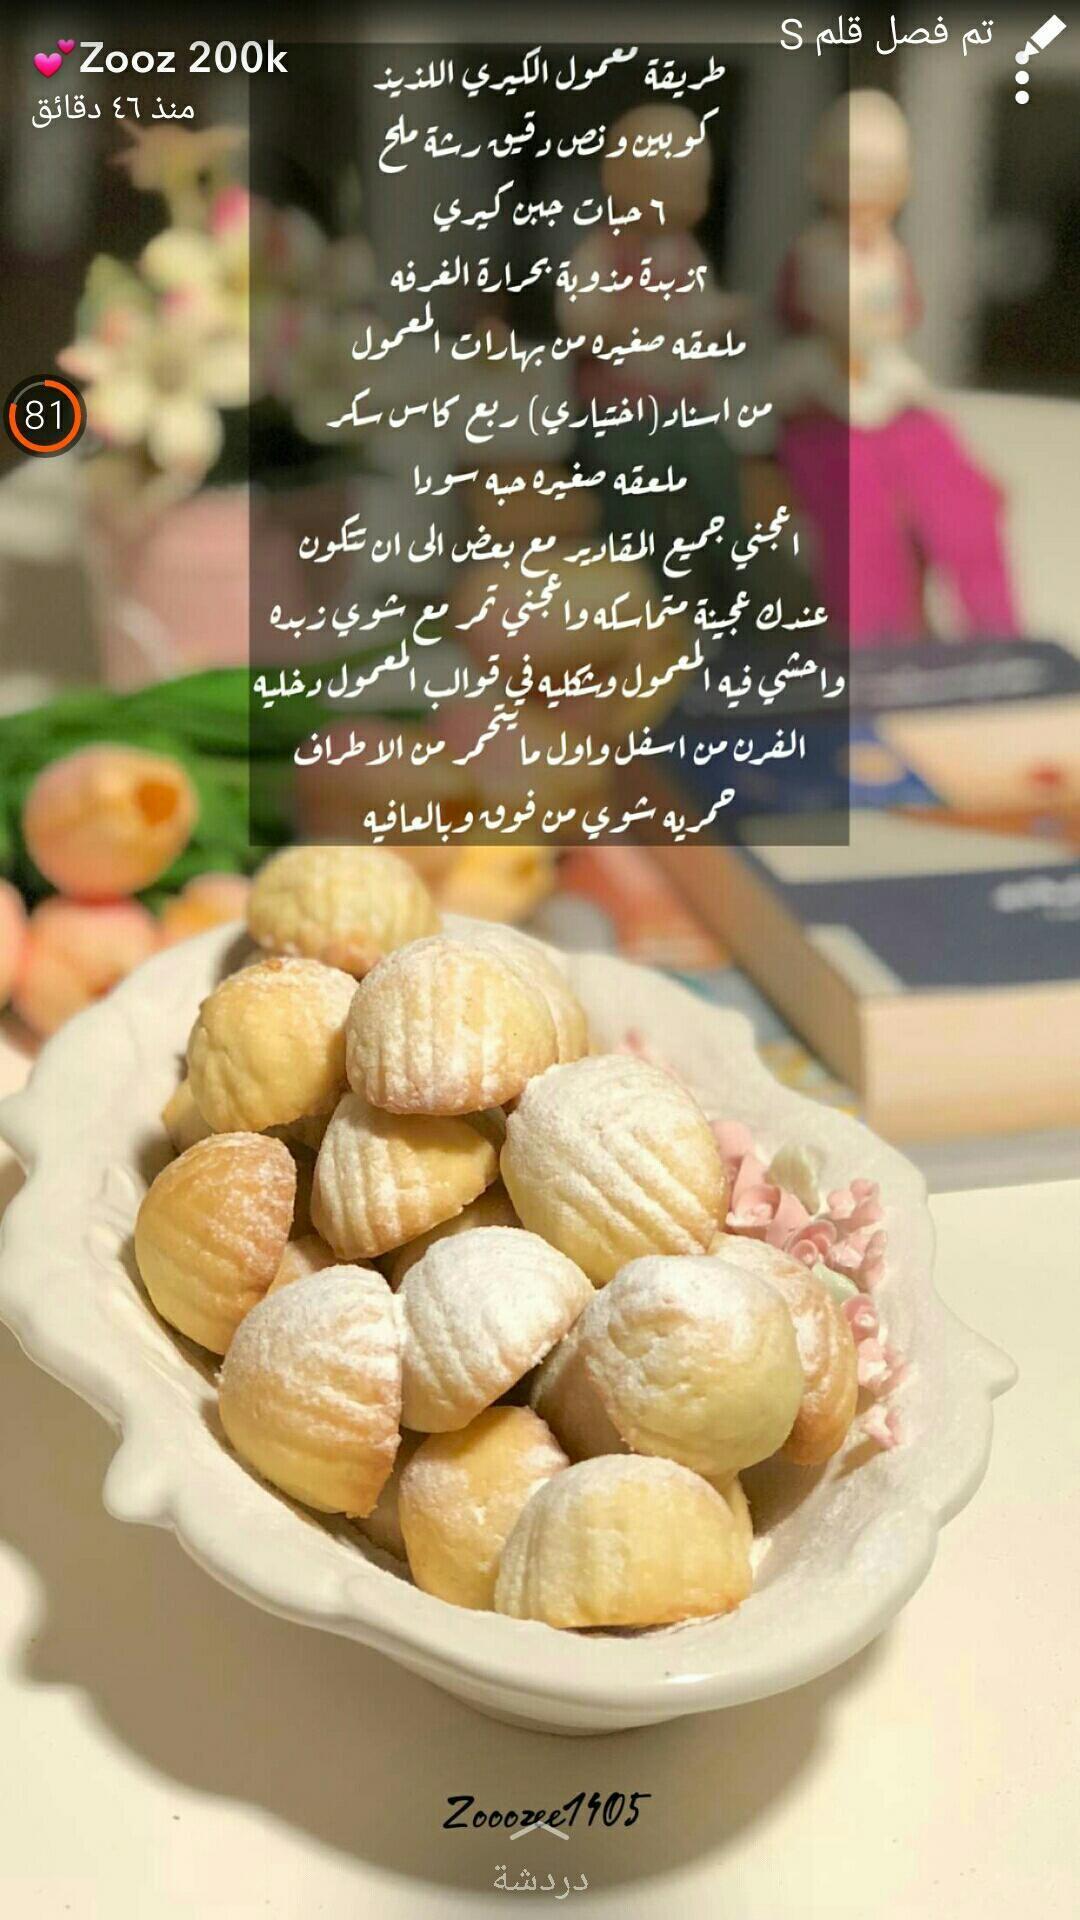 معمول Food Receipes Diy Food Recipes Sweets Recipes